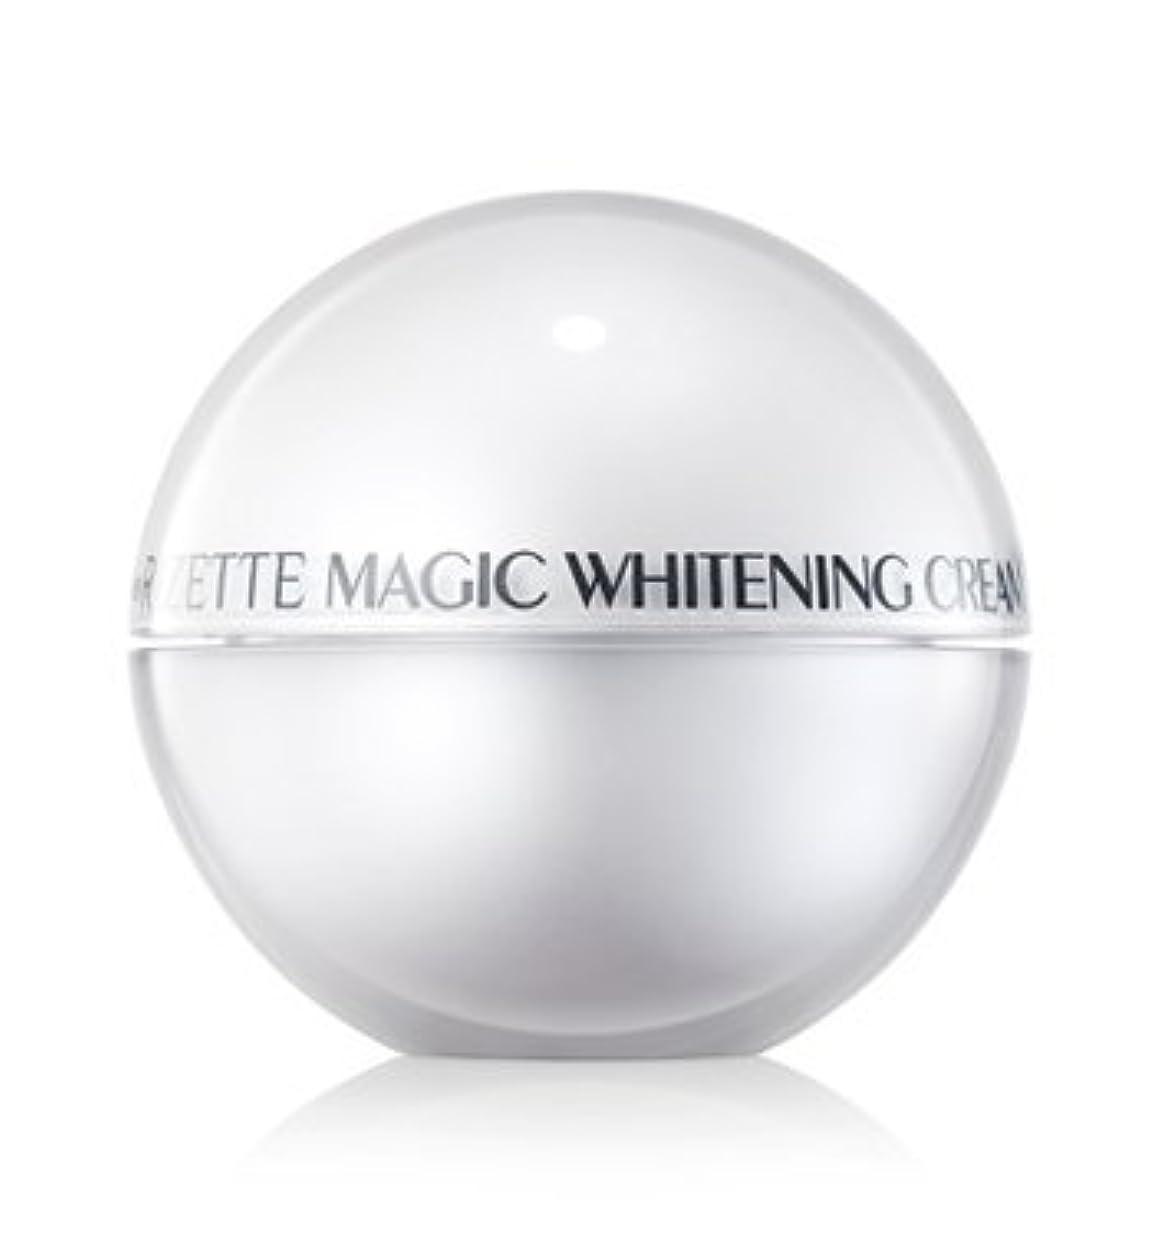 ピン今晩五十リオエリ(Lioele) Rizette マジック ホワイトニング クリーム プラス/ Lioele Rizette Magic Whitening Cream Plus[並行輸入品]